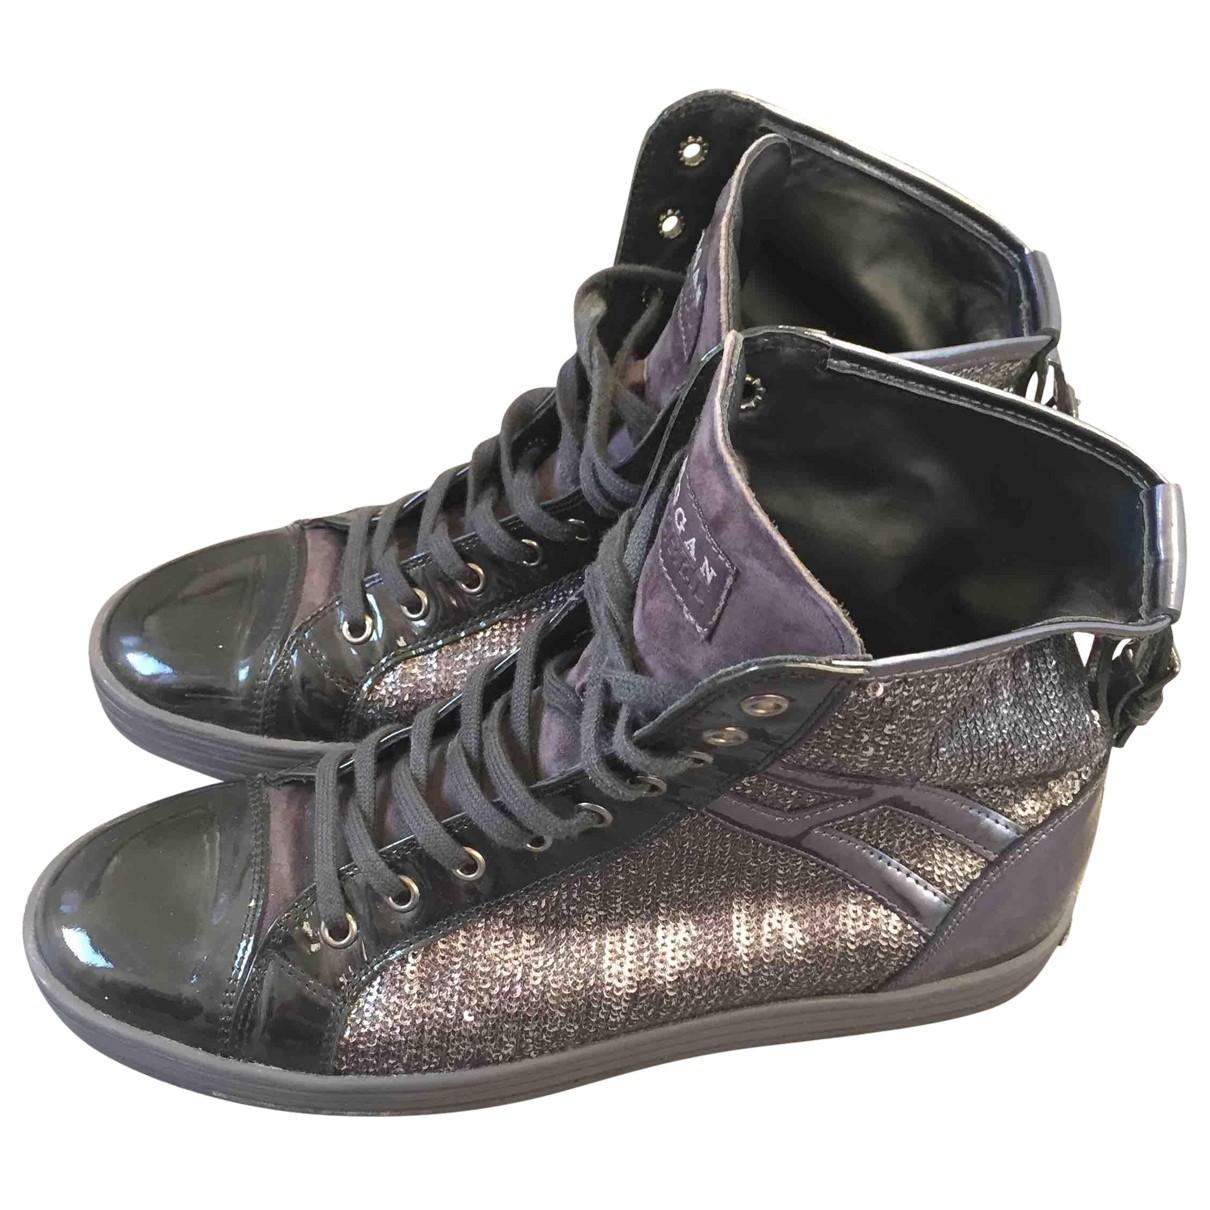 Hogan - Baskets   pour femme en cuir - anthracite